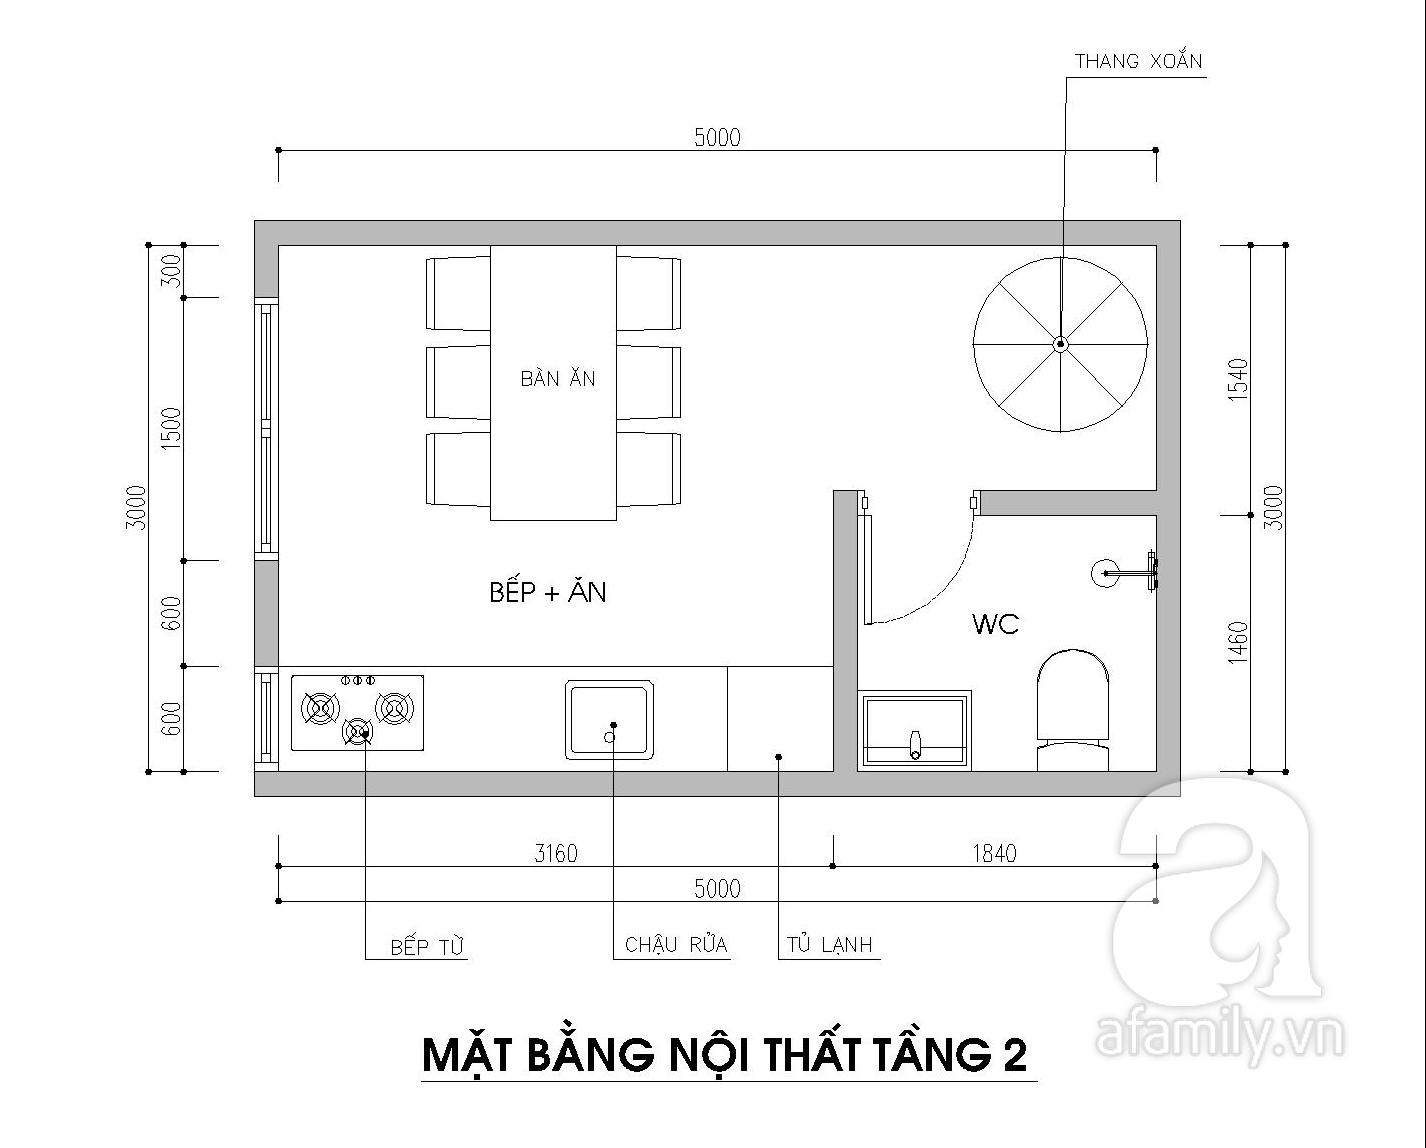 Tư vấn thiết kế căn nhà nhỏ 15m2 cho gia đình 3 thế hệ với chi phí 100 triệu đồng - Ảnh 4.